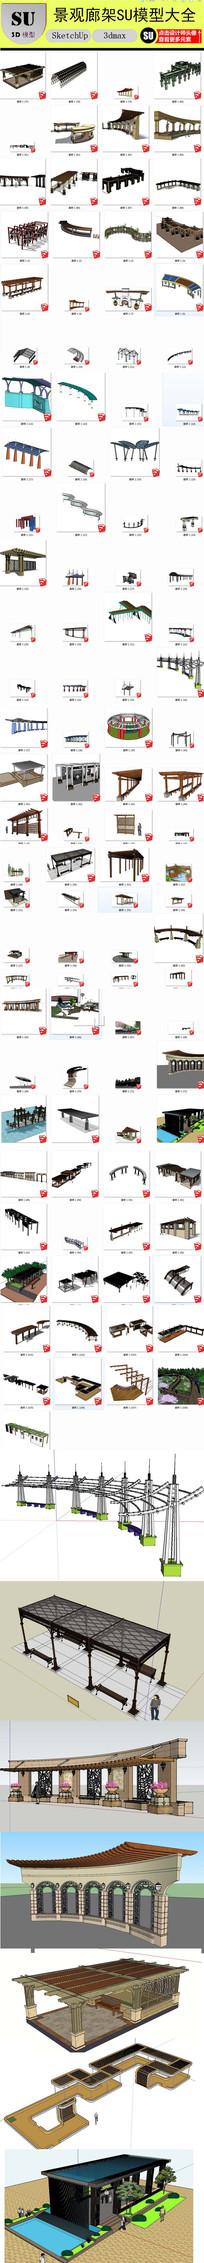 园林景观廊架su模型